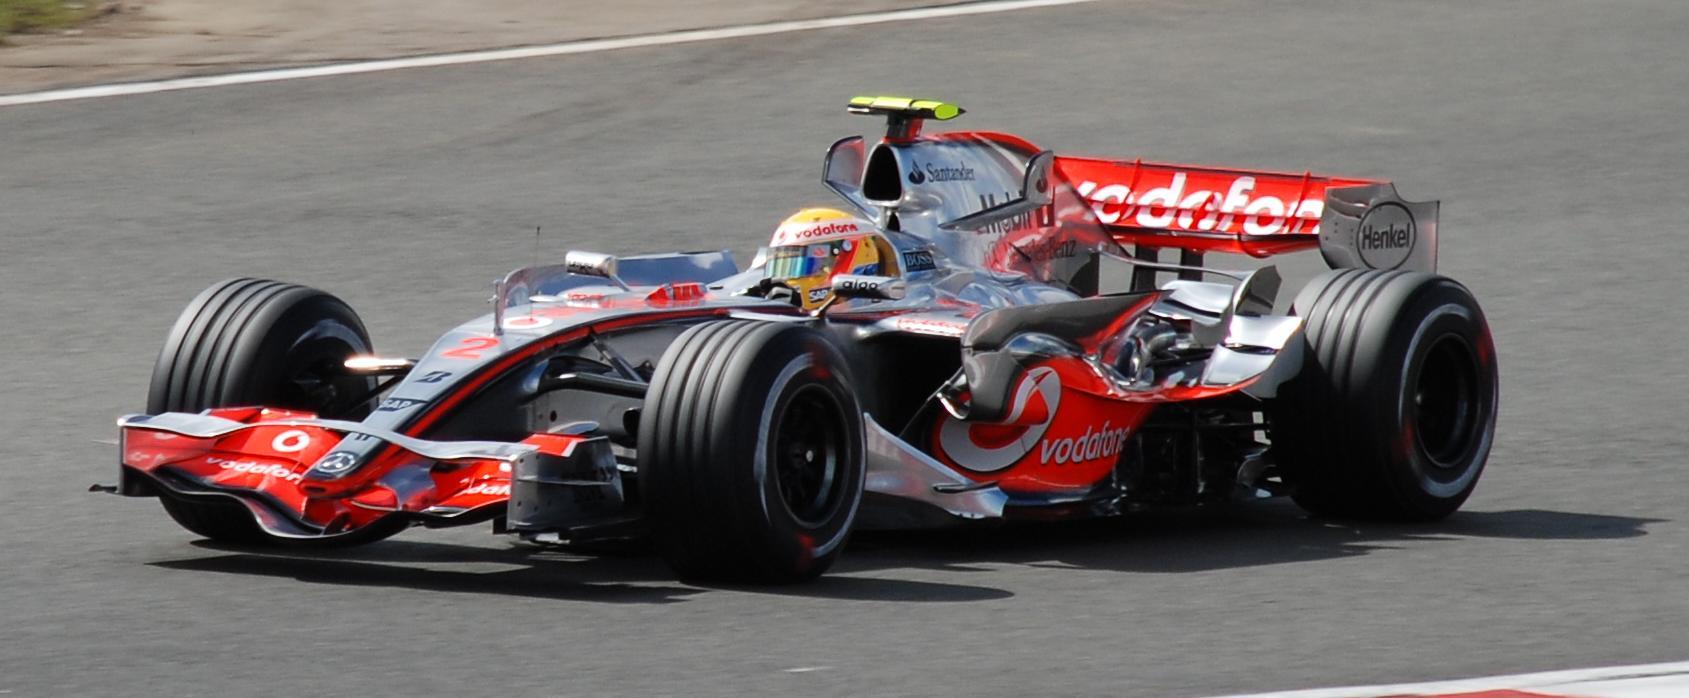 Ondanks de strubbelingen in de kwalificatie en Spygate dat op de achtergrond speelt.Wint Lewis Hamilton de Hongaarse Grand Prix.